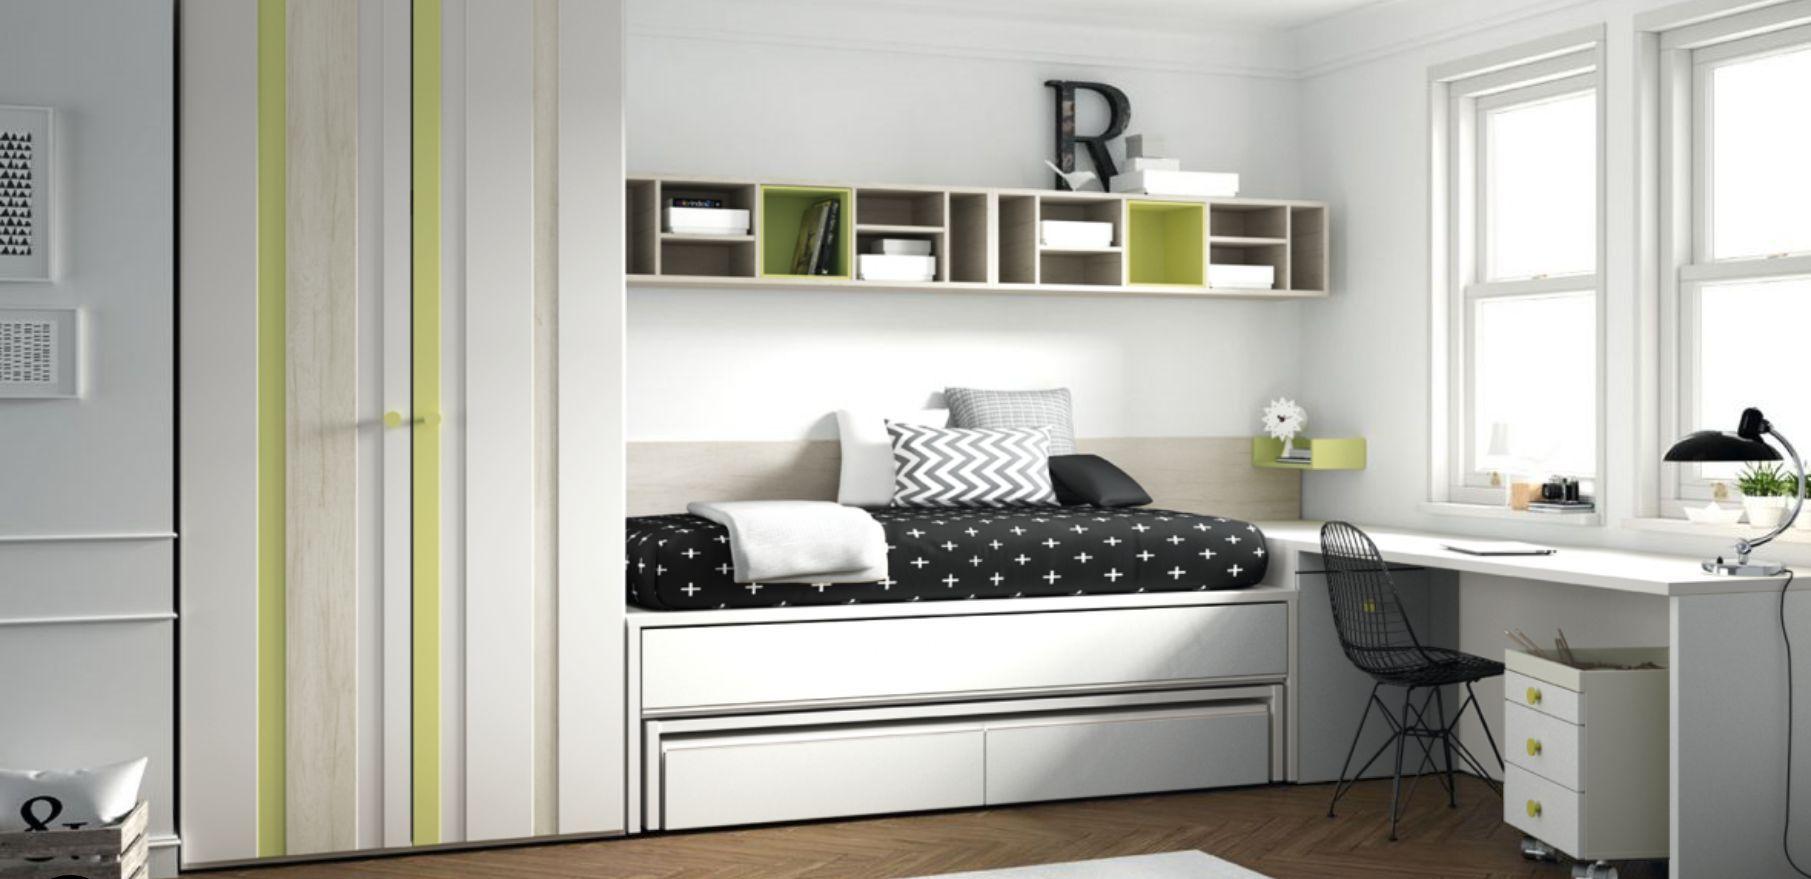 Foto 48 de Tienda de muebles en L'Hospitalet de Llobregat | Chousa